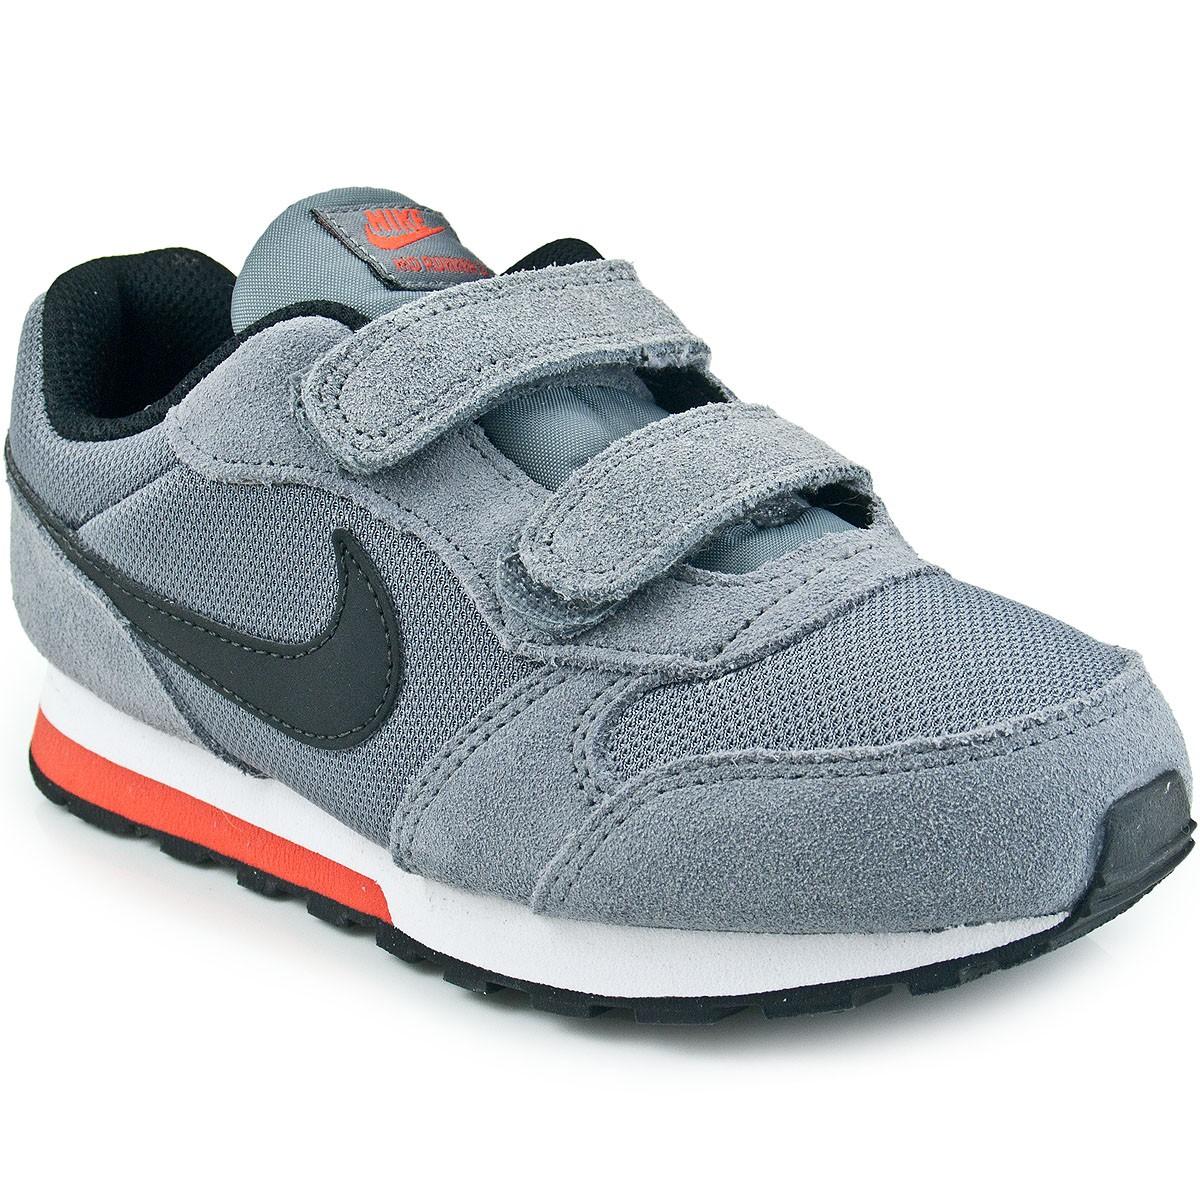 592973cd1d Tênis Nike MD Runner 2 PS